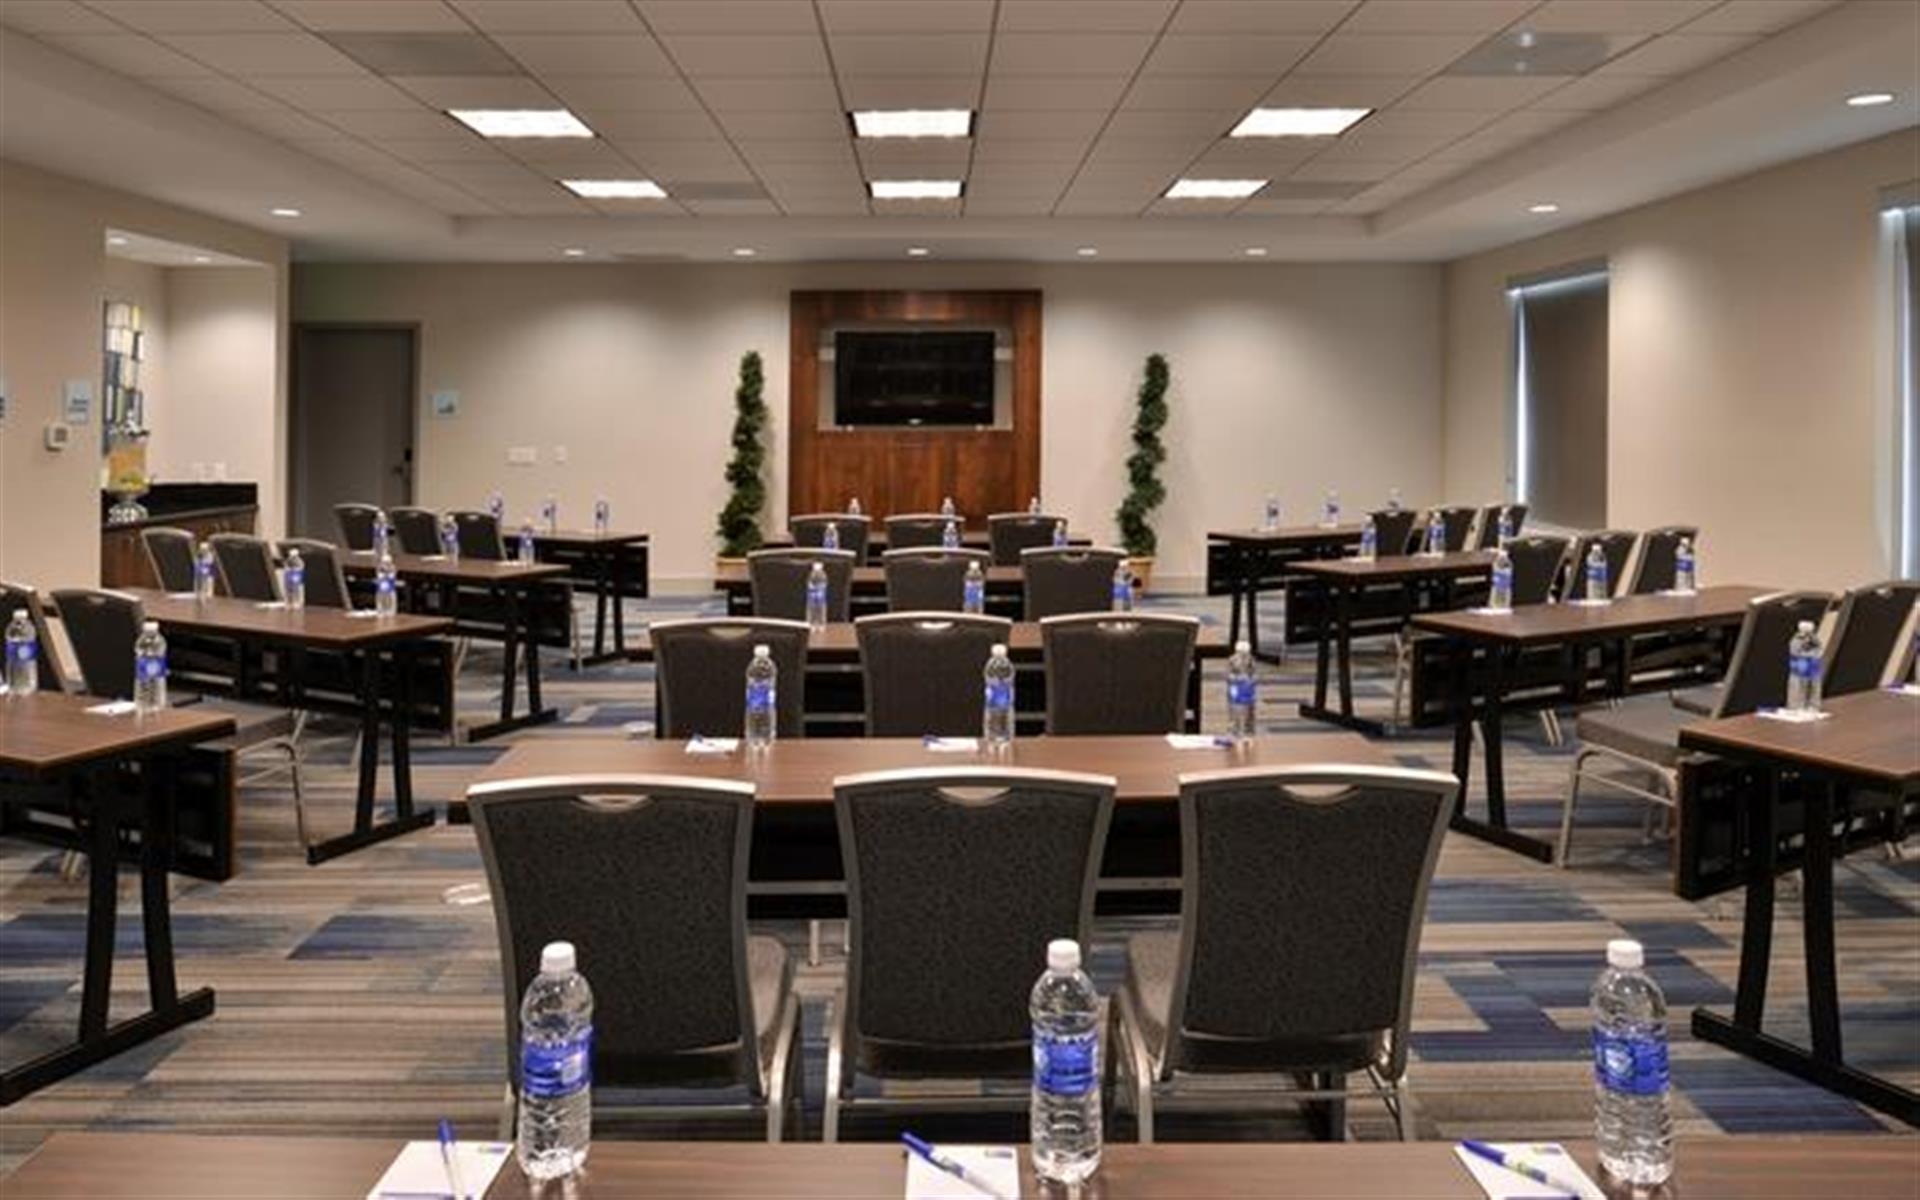 Holiday Inn Express & Suites Loma Linda - Sagemont Room